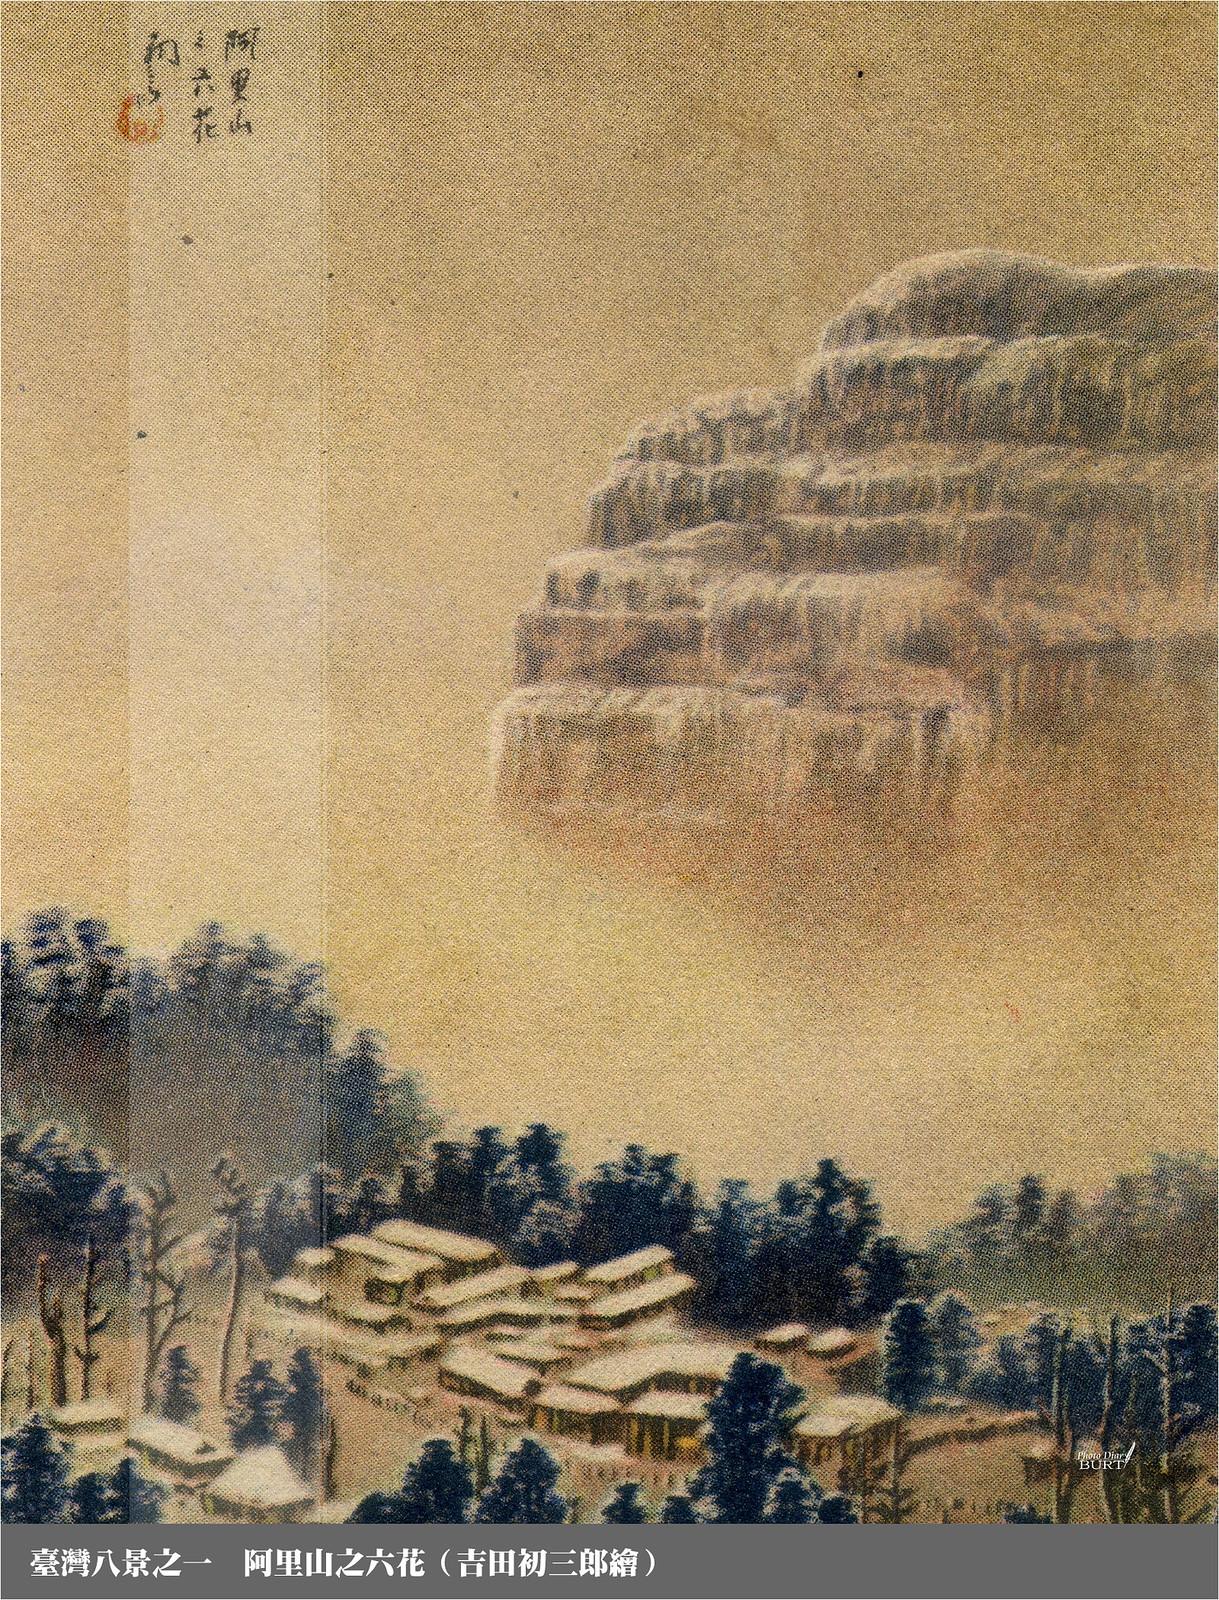 臺灣八景之一_阿里山之六花